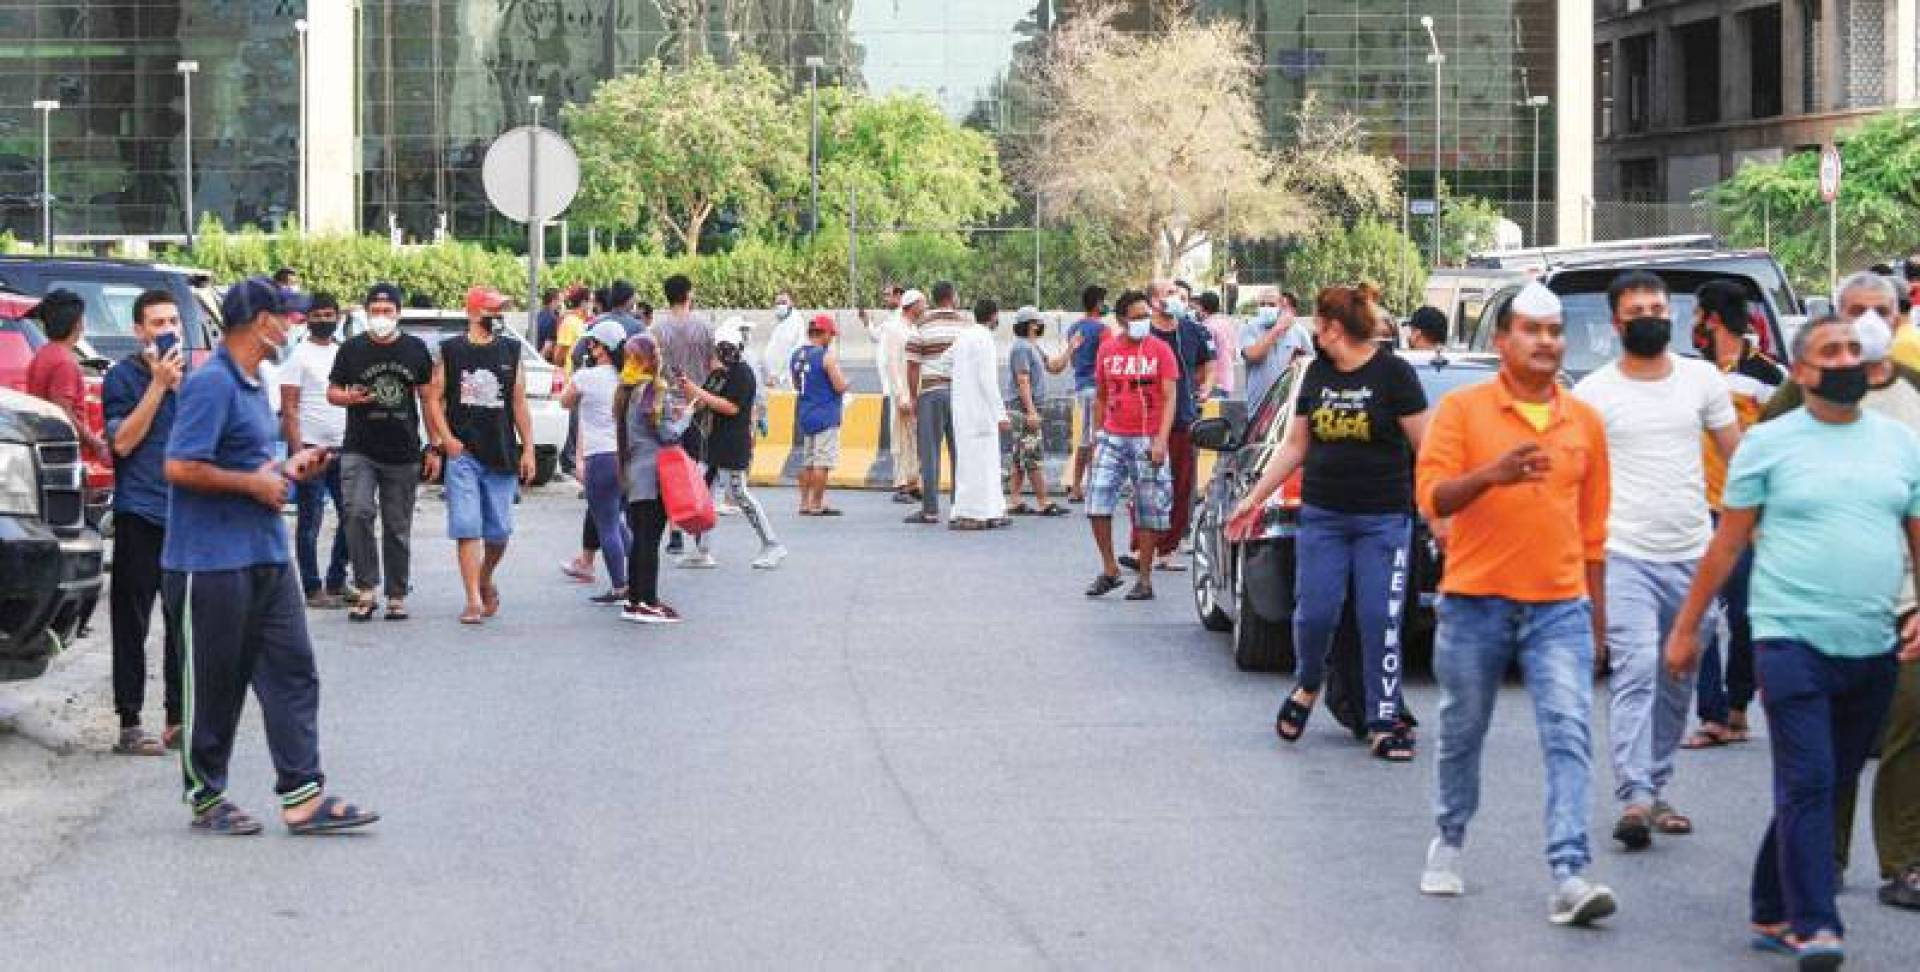 تمضية الوقت بالمشي في فترة ما قبل حلول الحظر (تصوير: محمود الفوريكي وبسام زيدان)